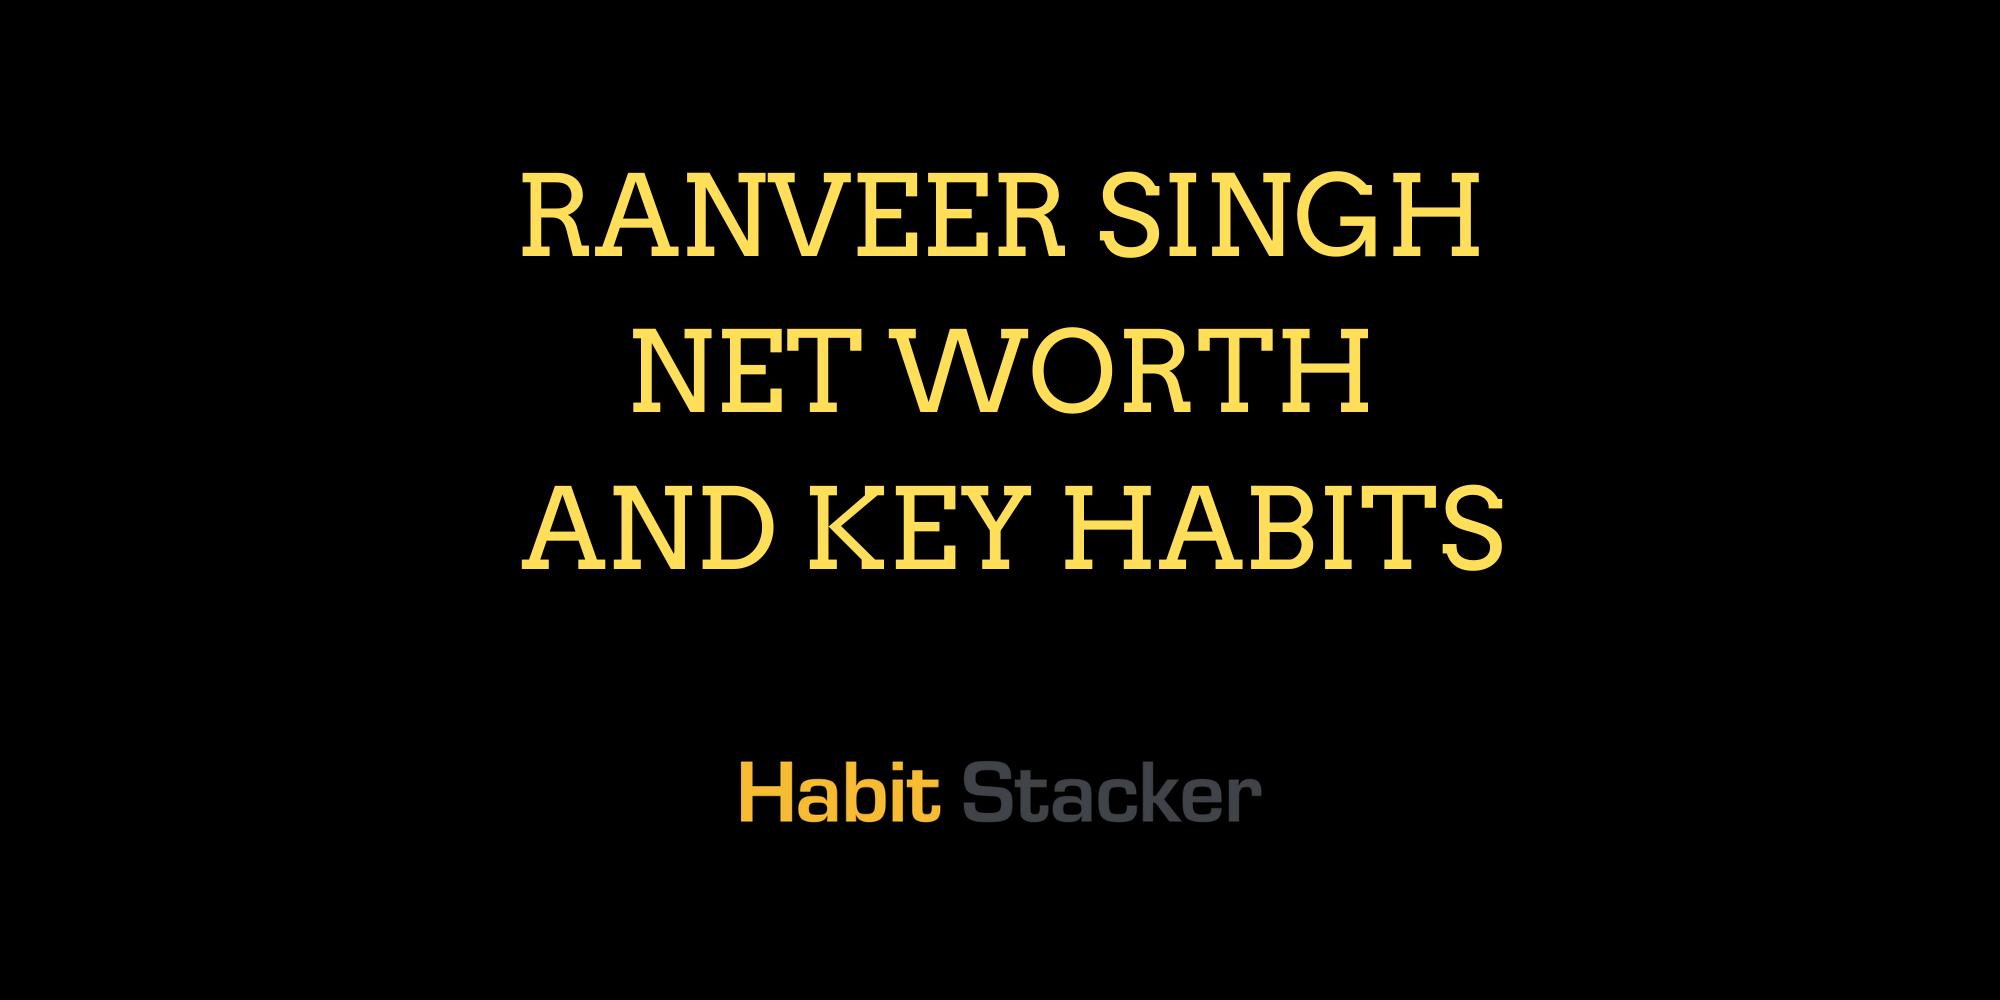 Ranveer Singh Net Worth and Key Habits